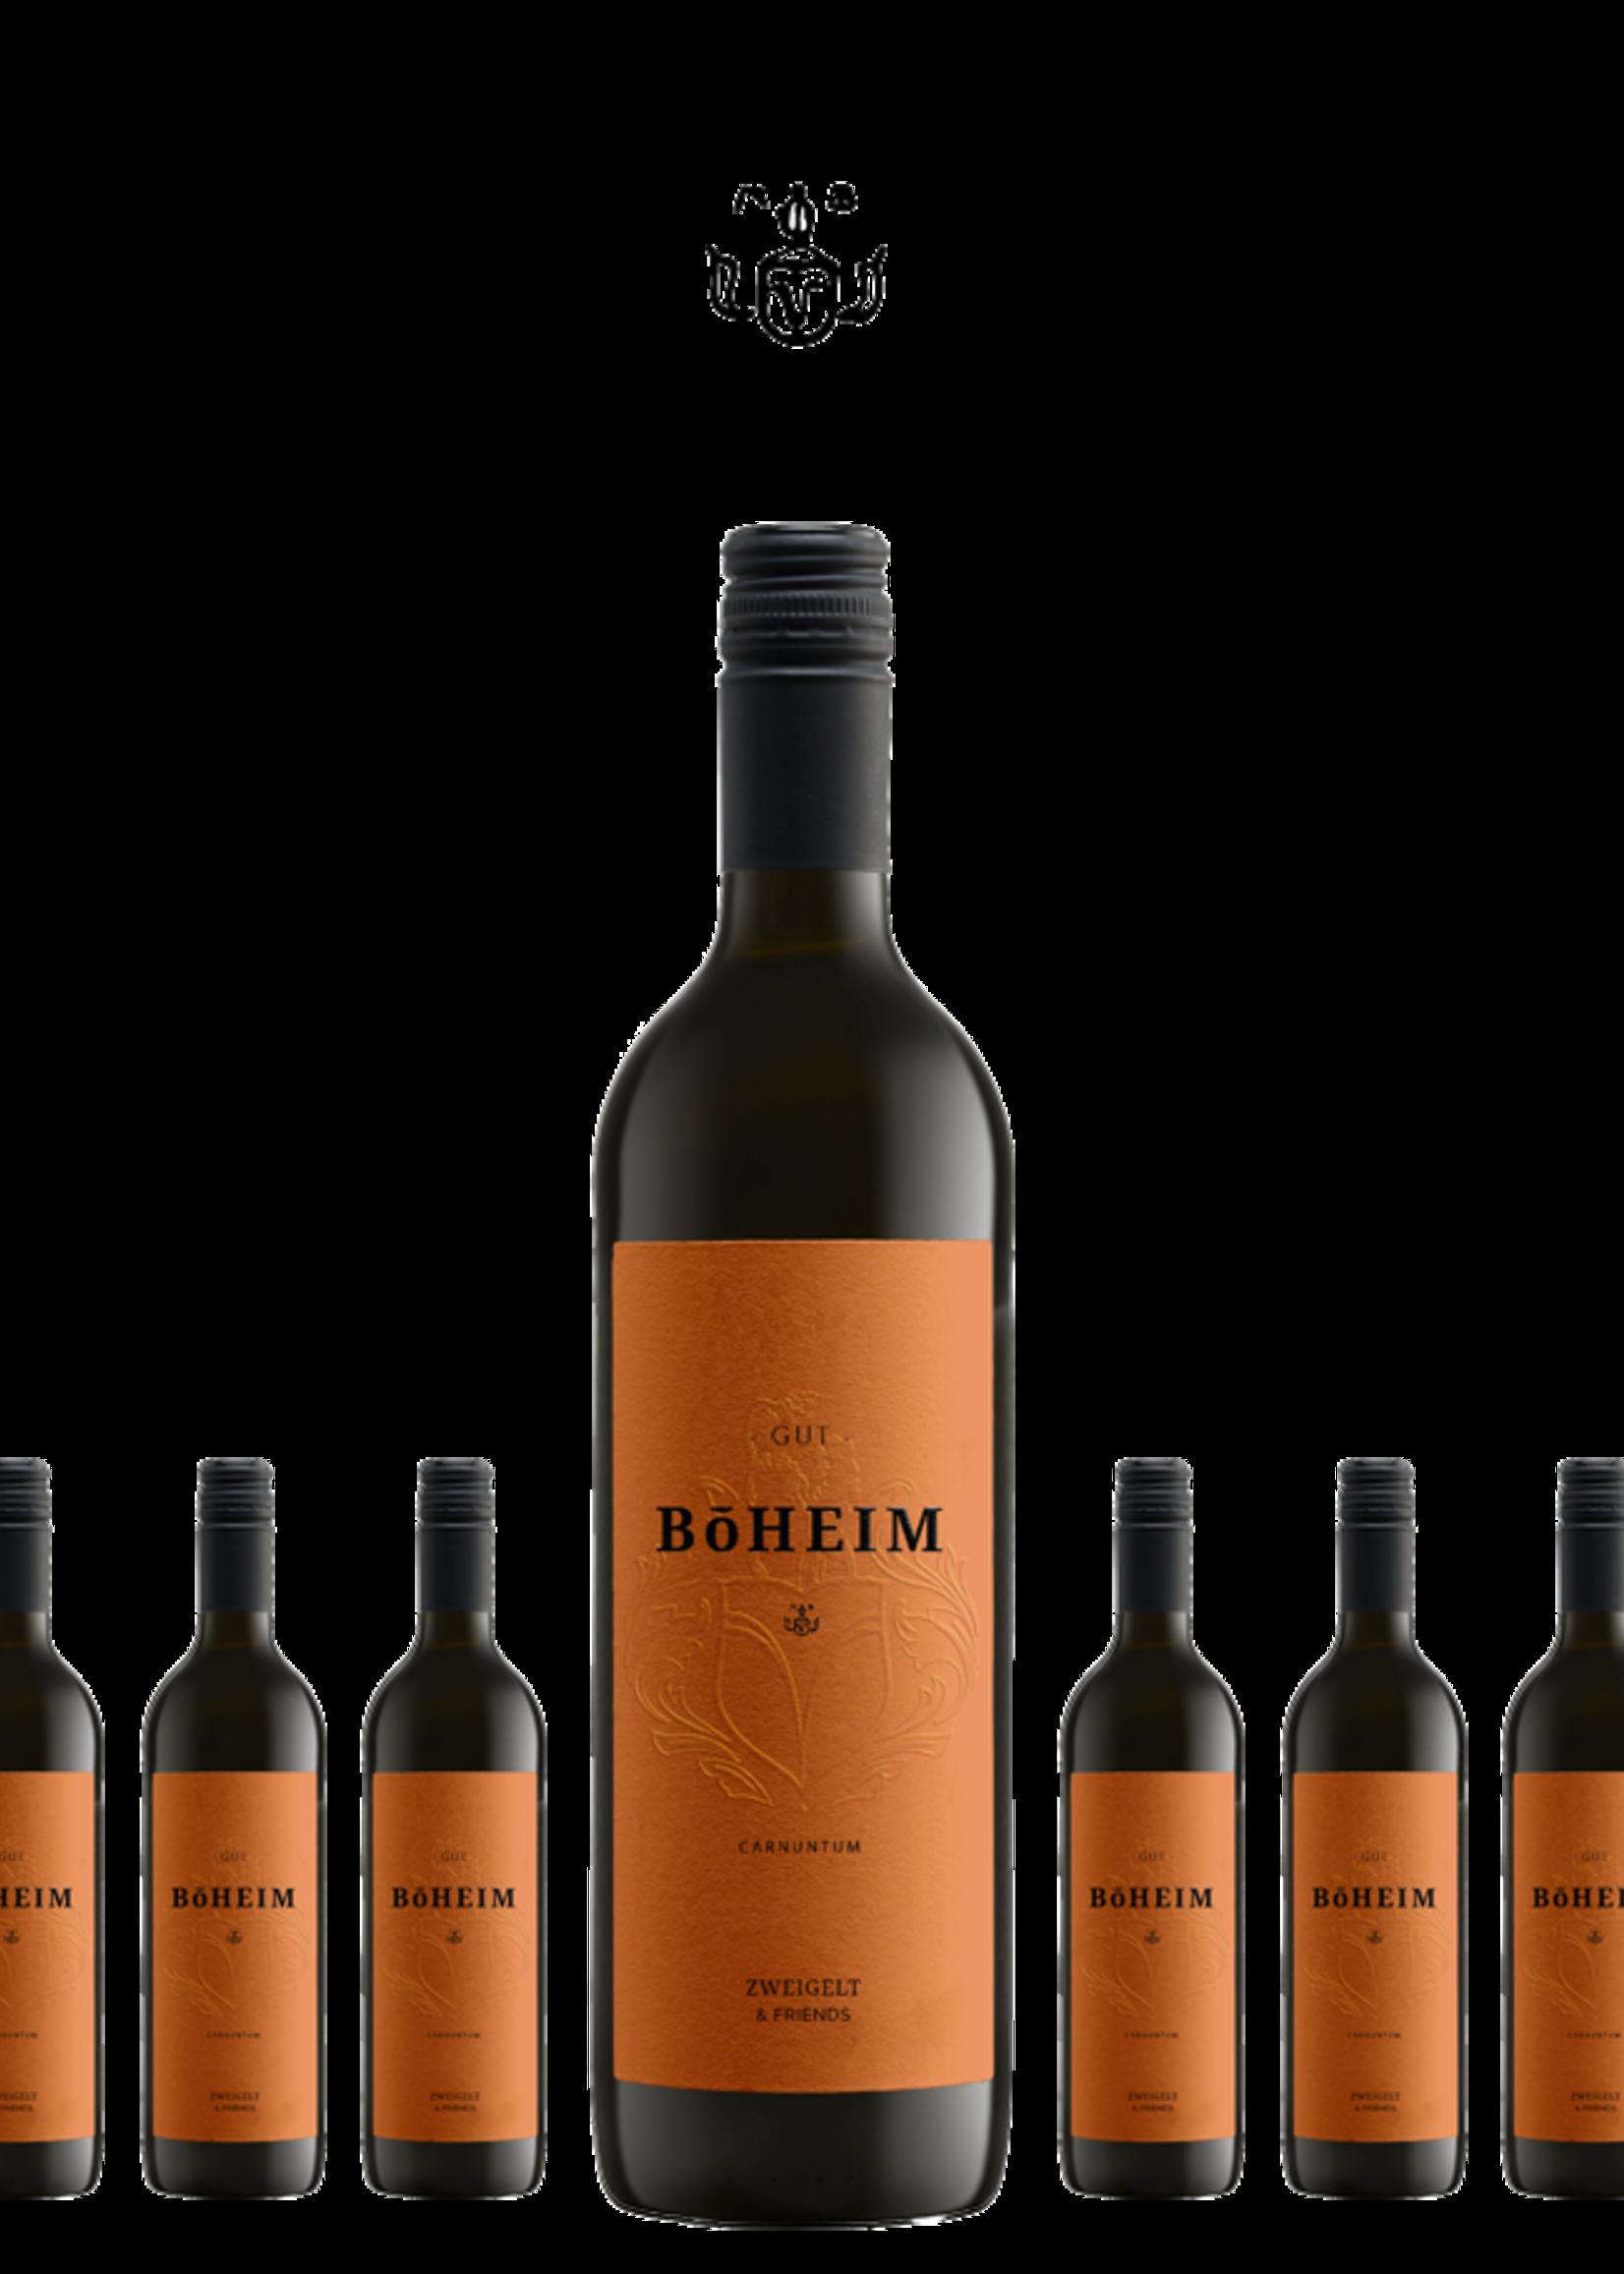 Zweigelt & Friends 2018 0,75 l vom Weingut Böheim